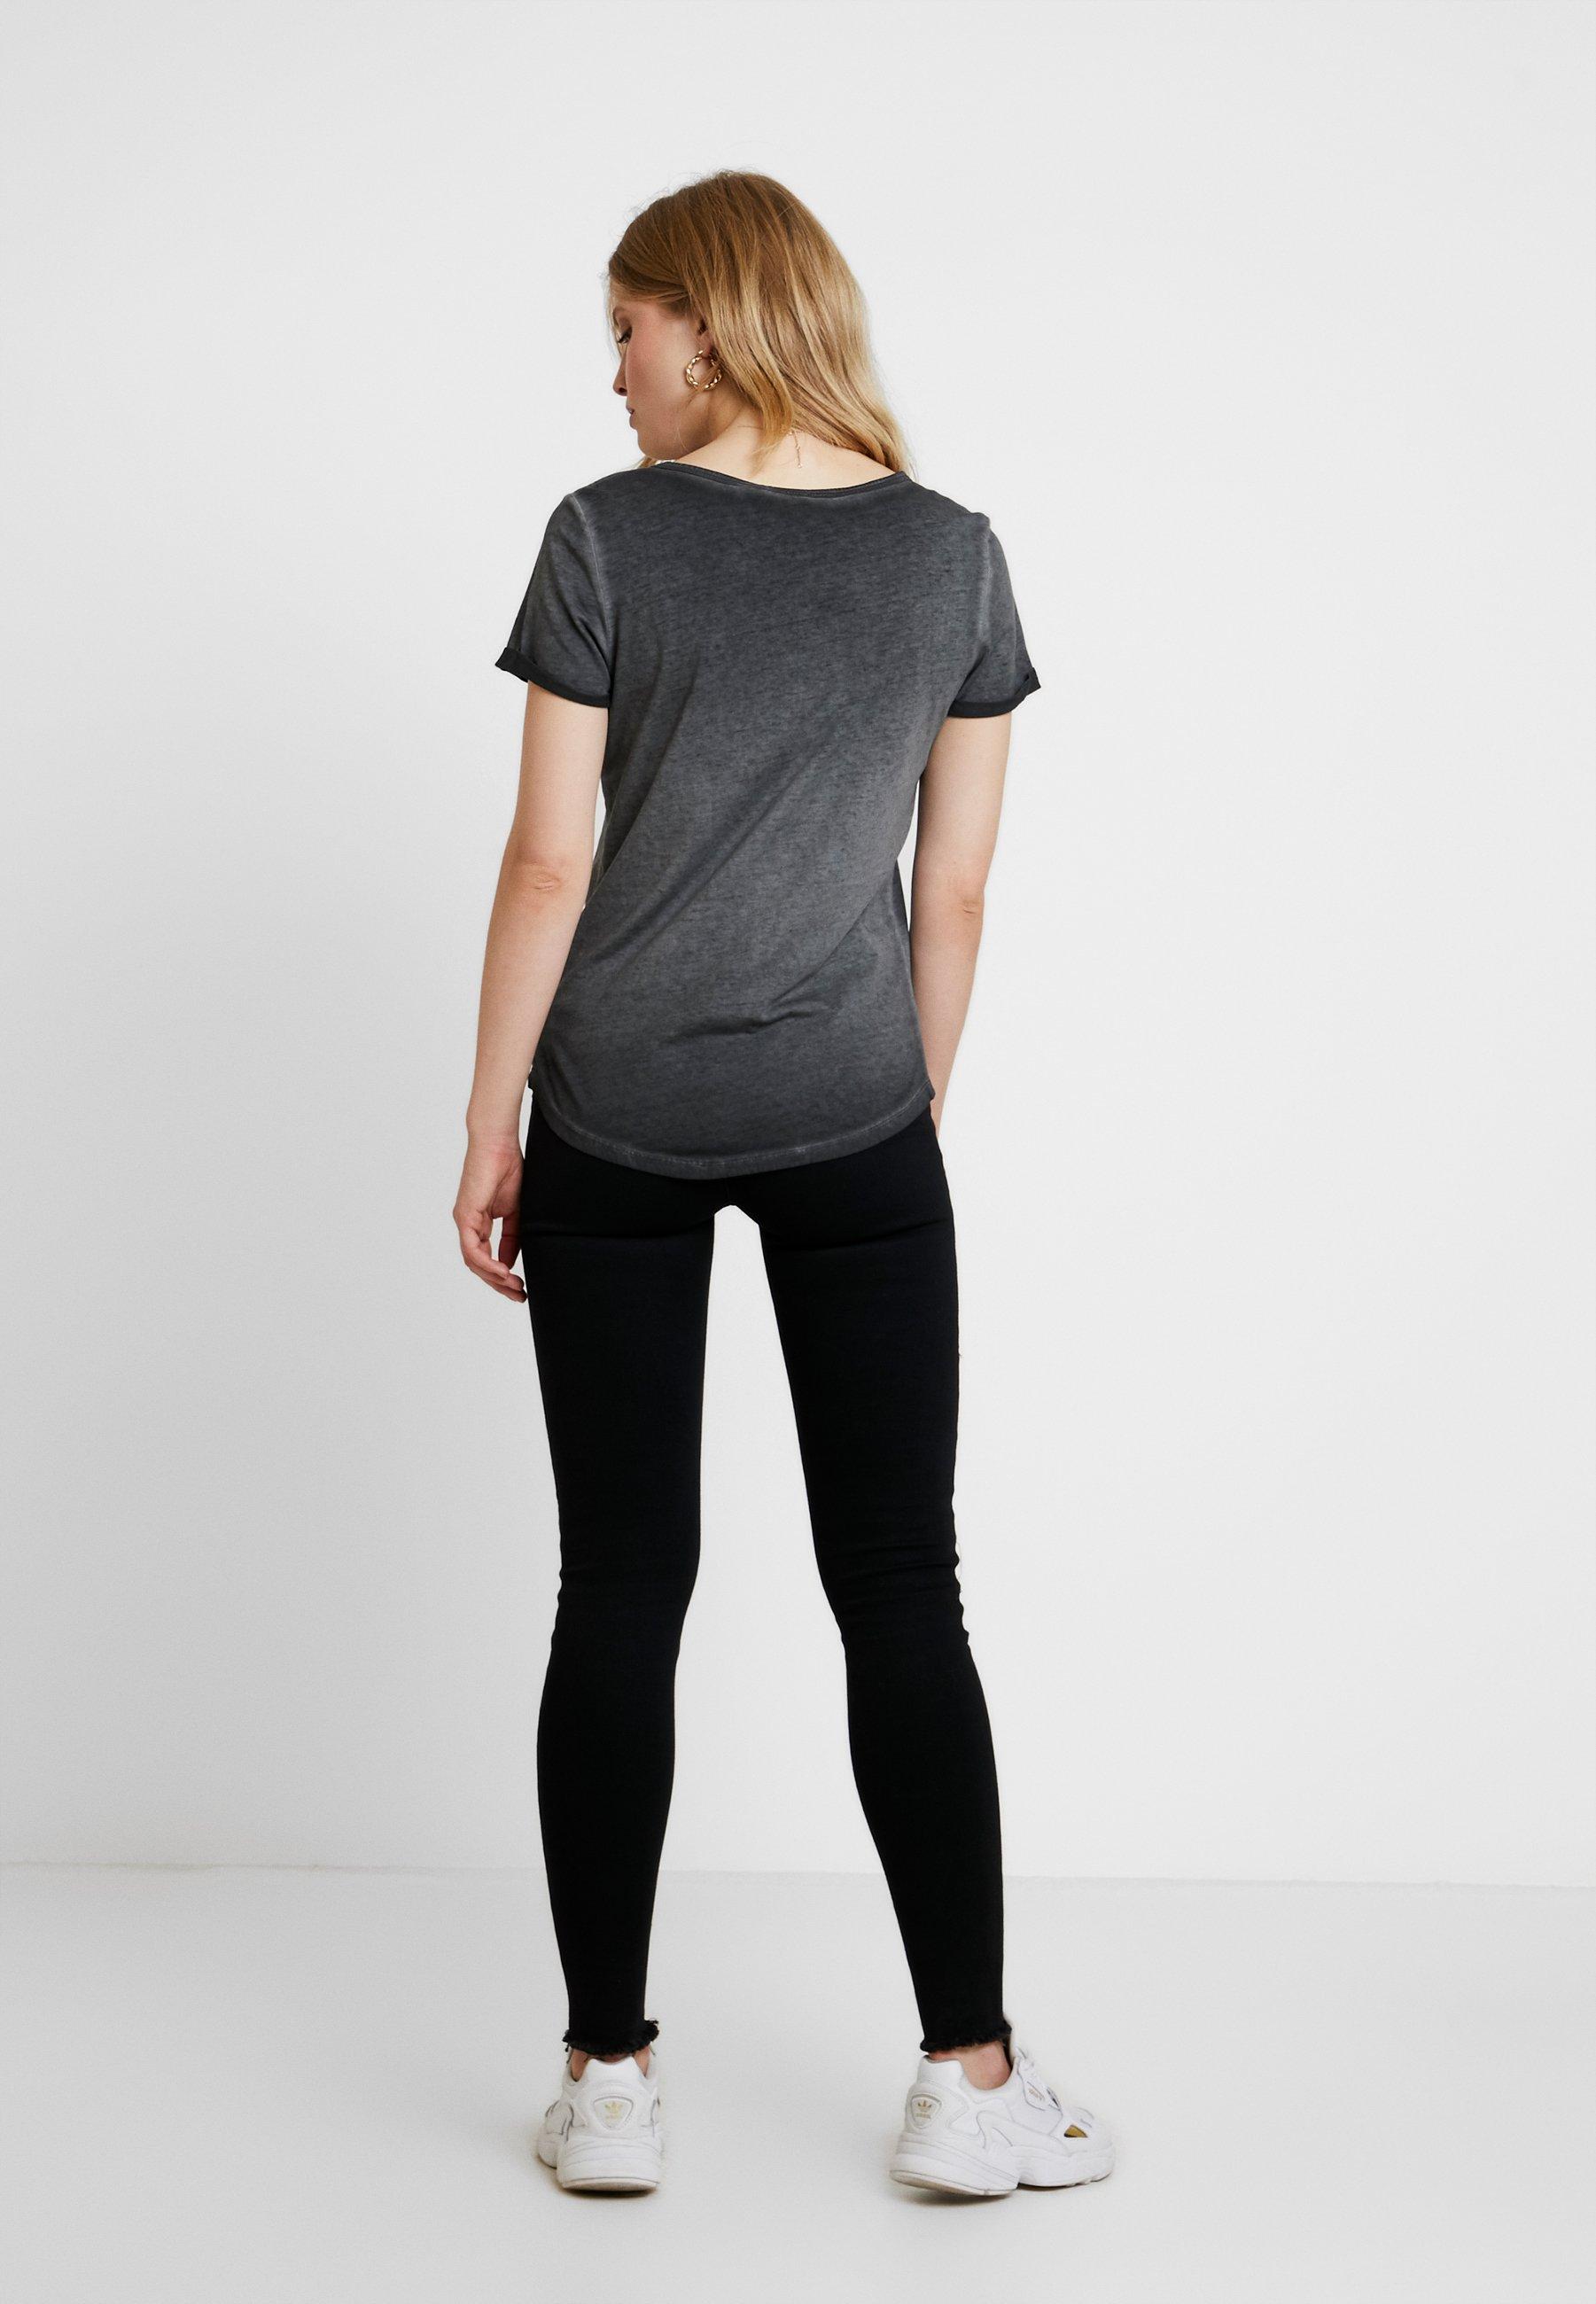 shirt Basique s Designed By Q KurzarmT Black Nvw0nOPym8